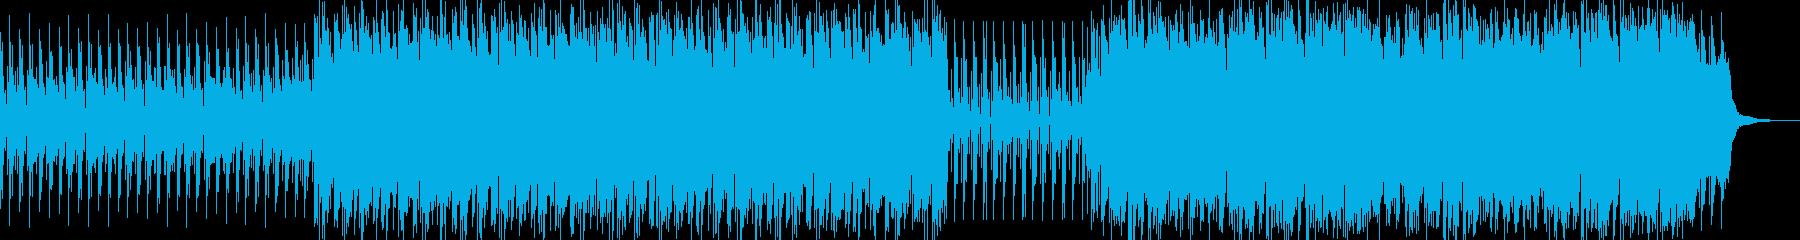 ラテン系のアップテンポな曲の再生済みの波形